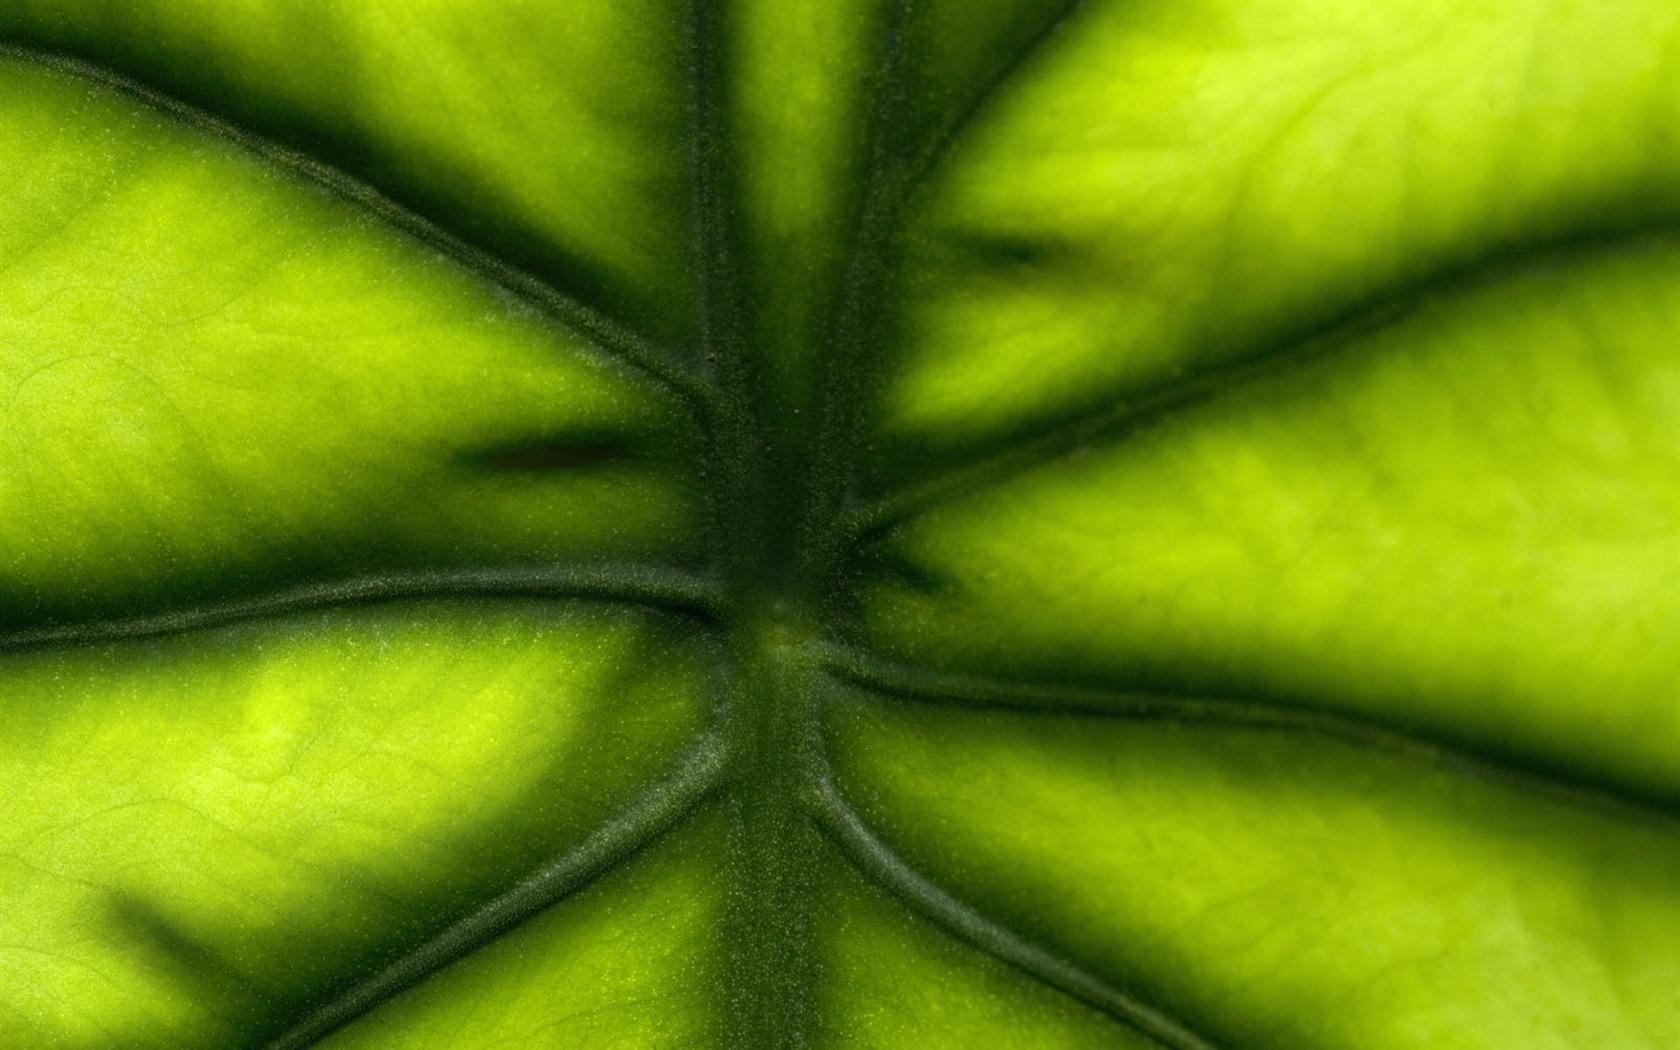 Plantas fondos de color verde hoja 3 1680x1050 fondos - Color verde hoja ...